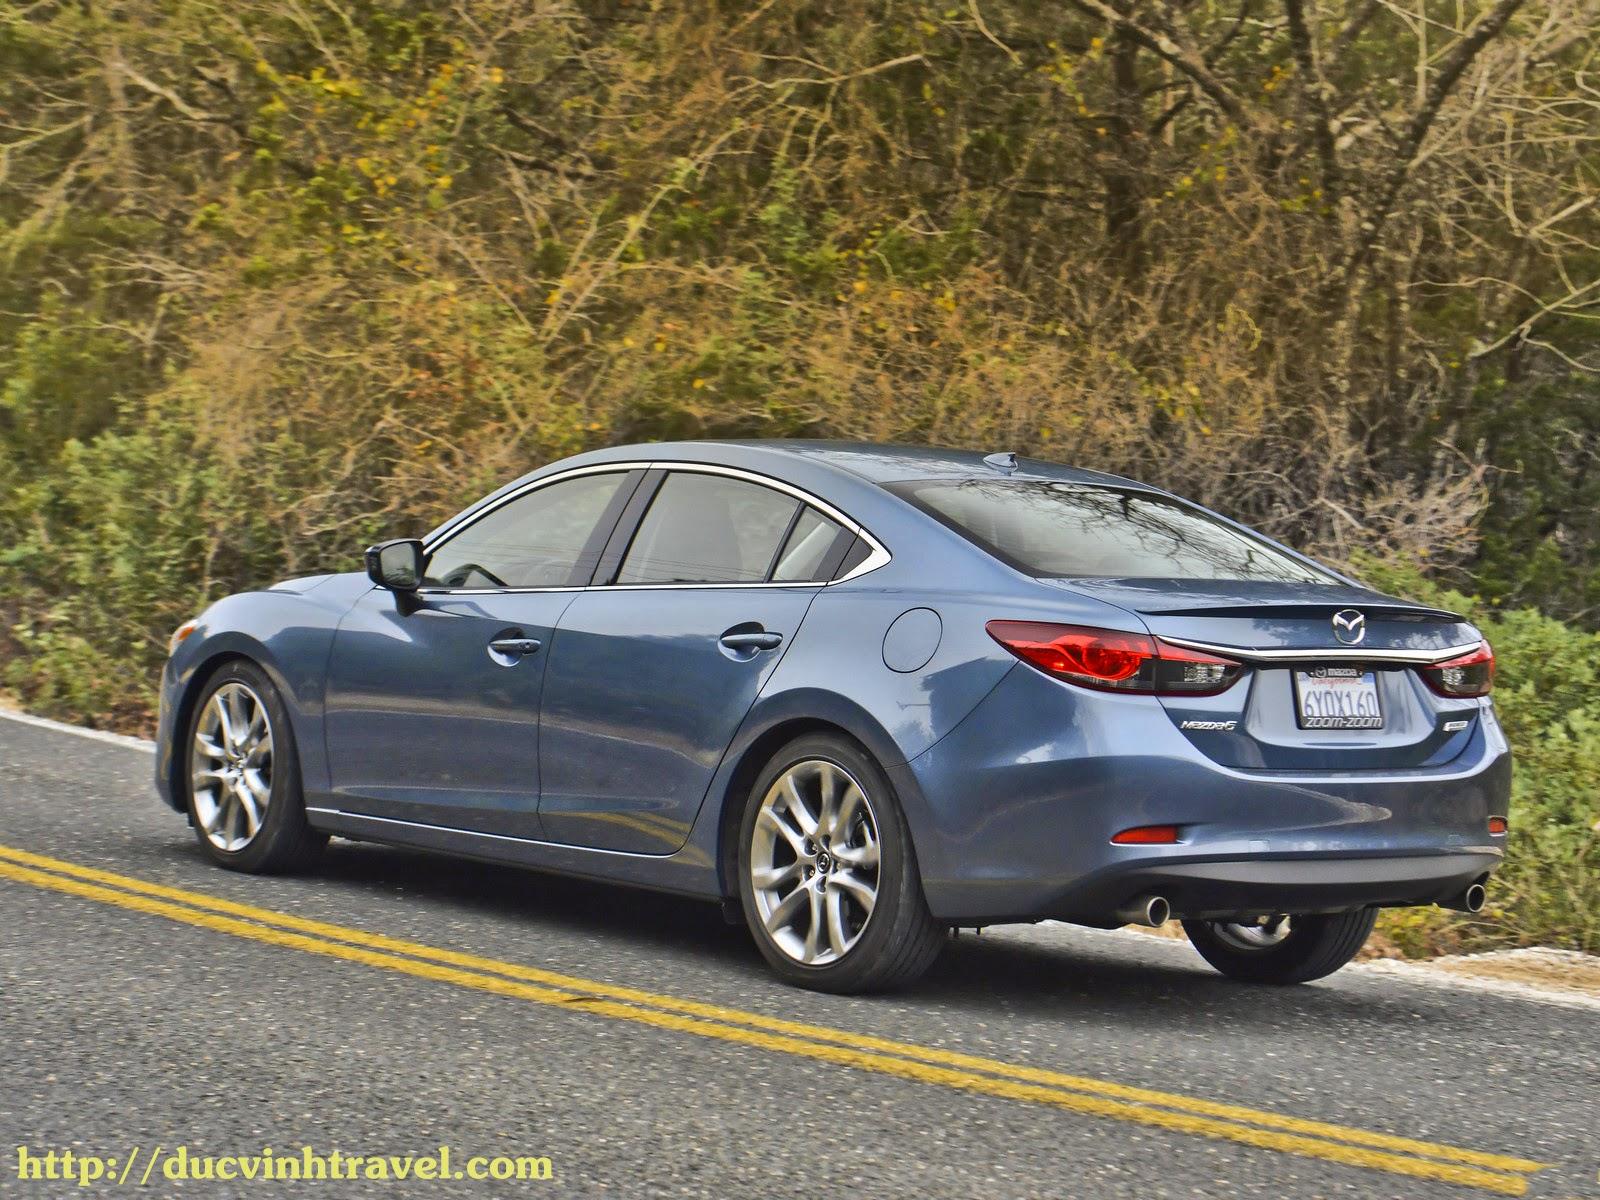 Mazda 6 sự lựa chọn an toàn cho người sử dụng